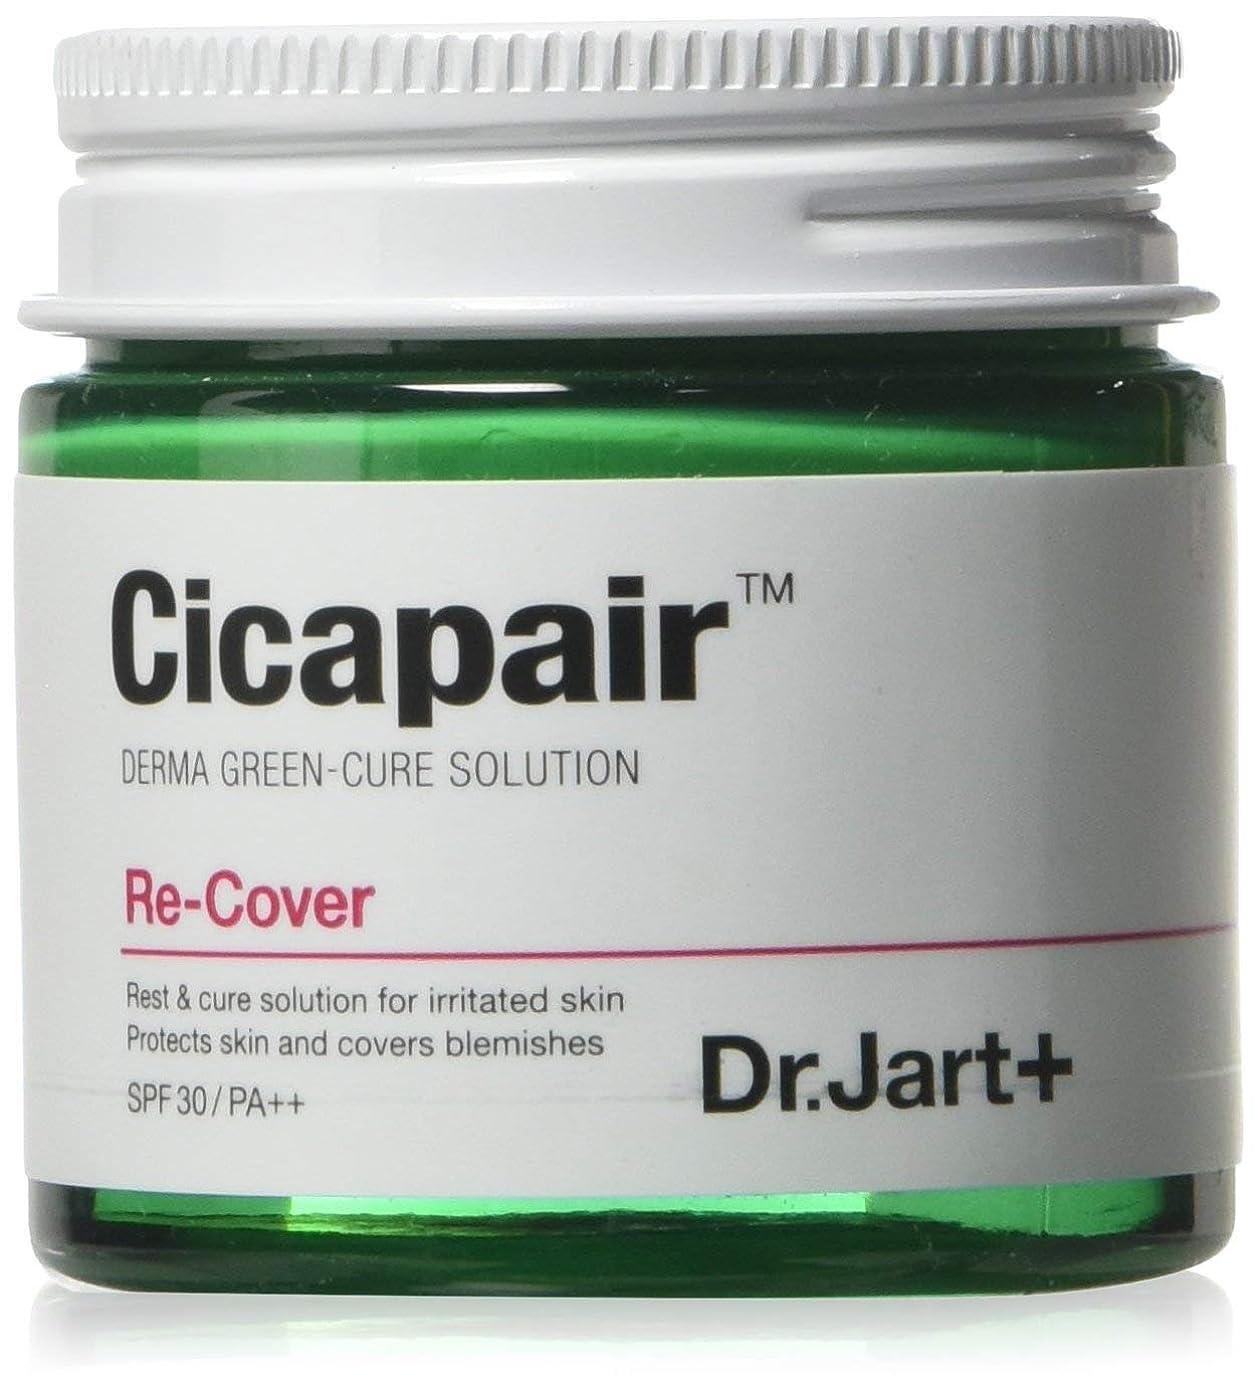 委任インレイ飛行場Dr. Jart + Cicapair Cream 1.7 fl oz 50ml